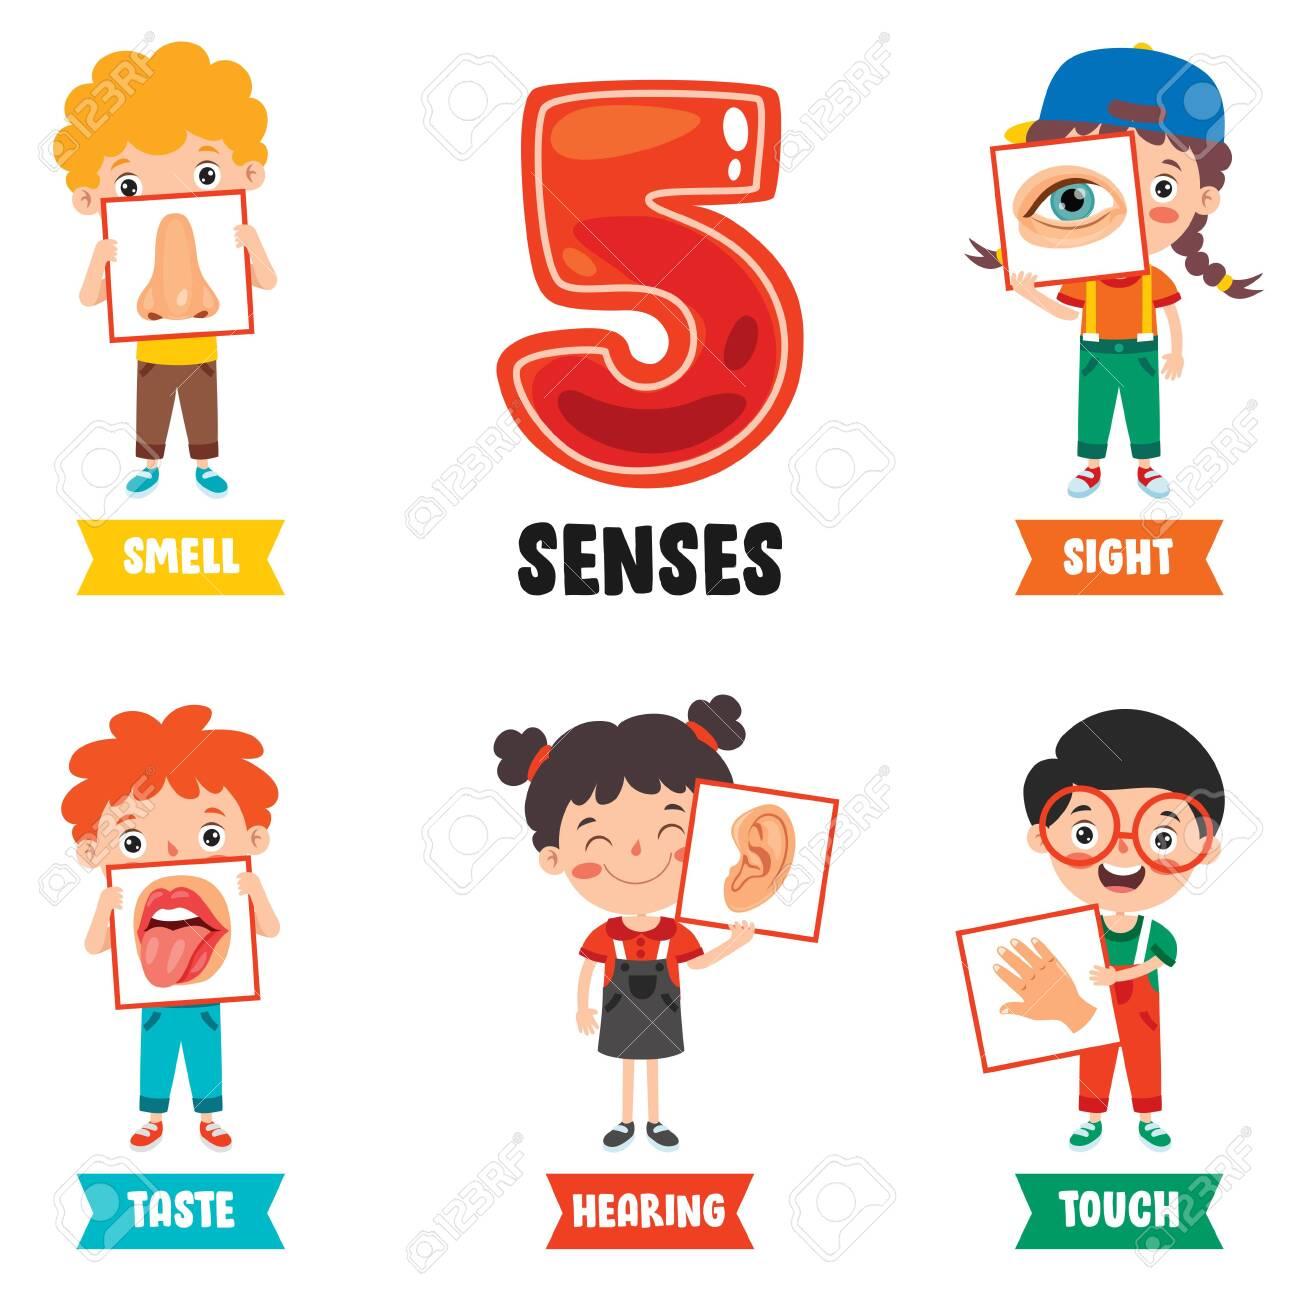 Five Senses Concept With Human Organs - 158420169